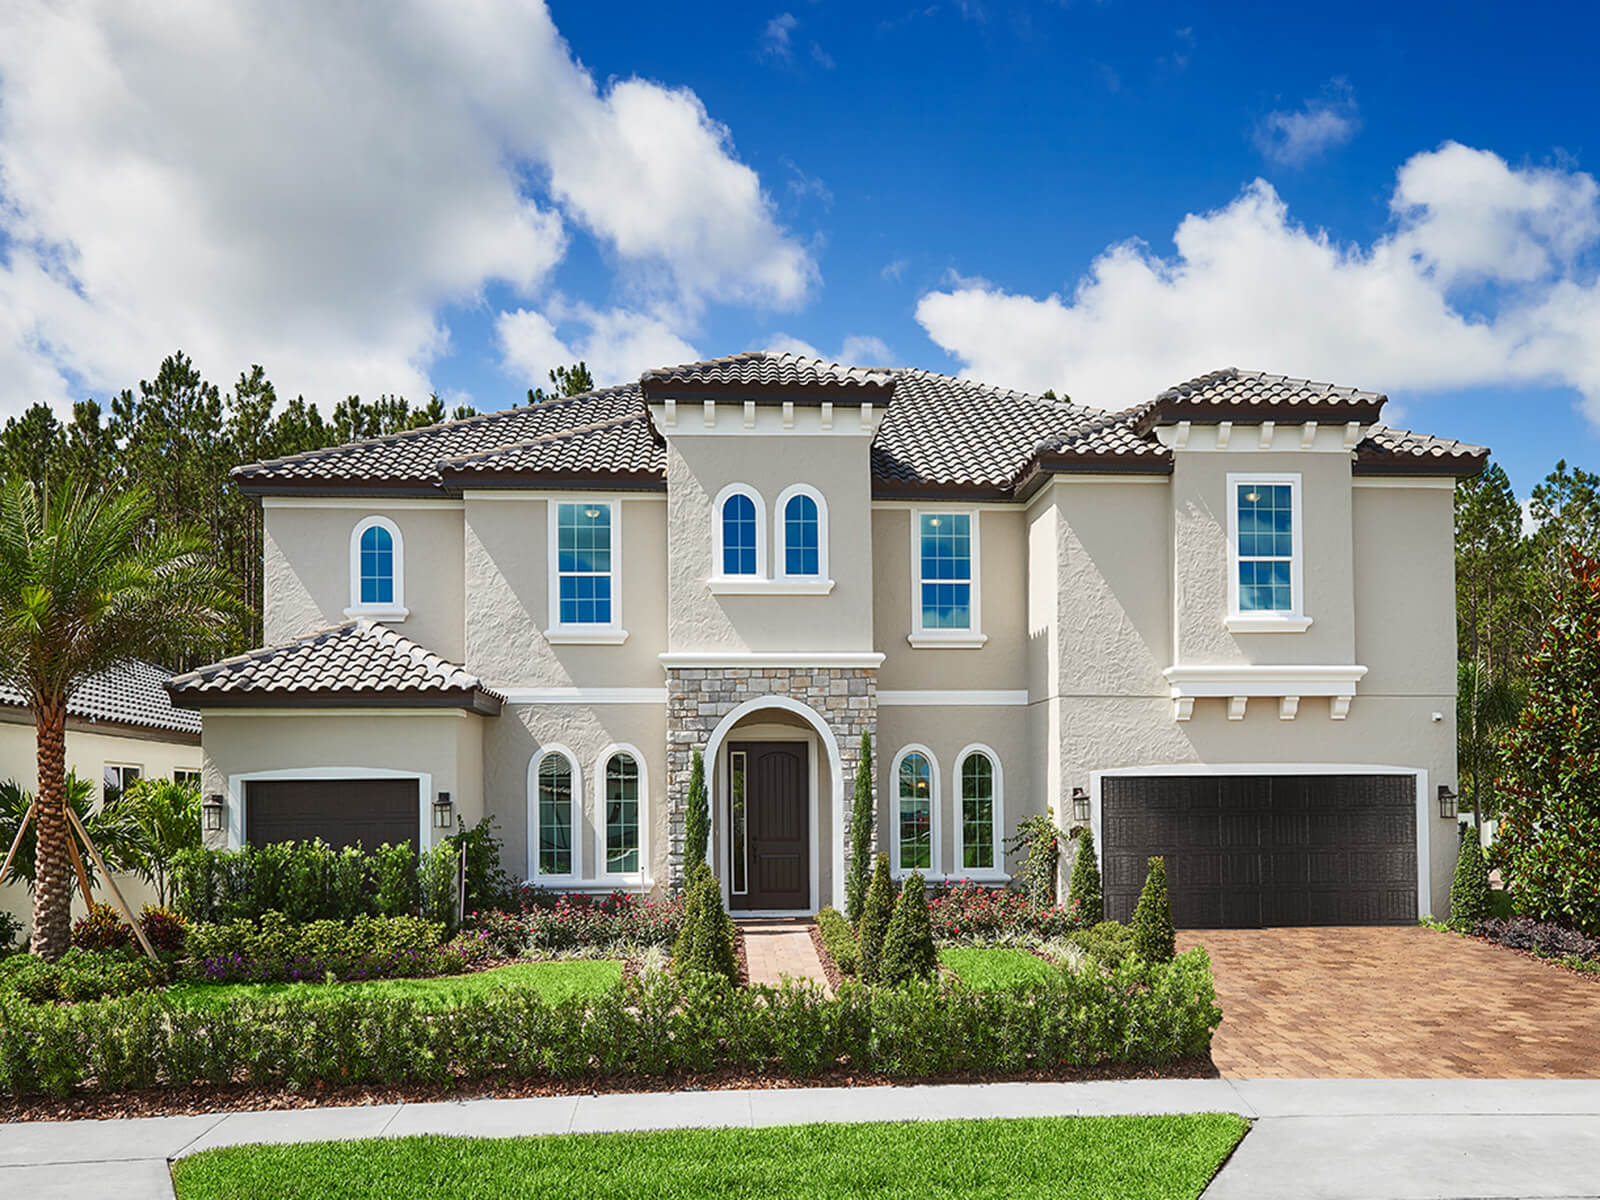 Imóveis em Orlando - Parkside